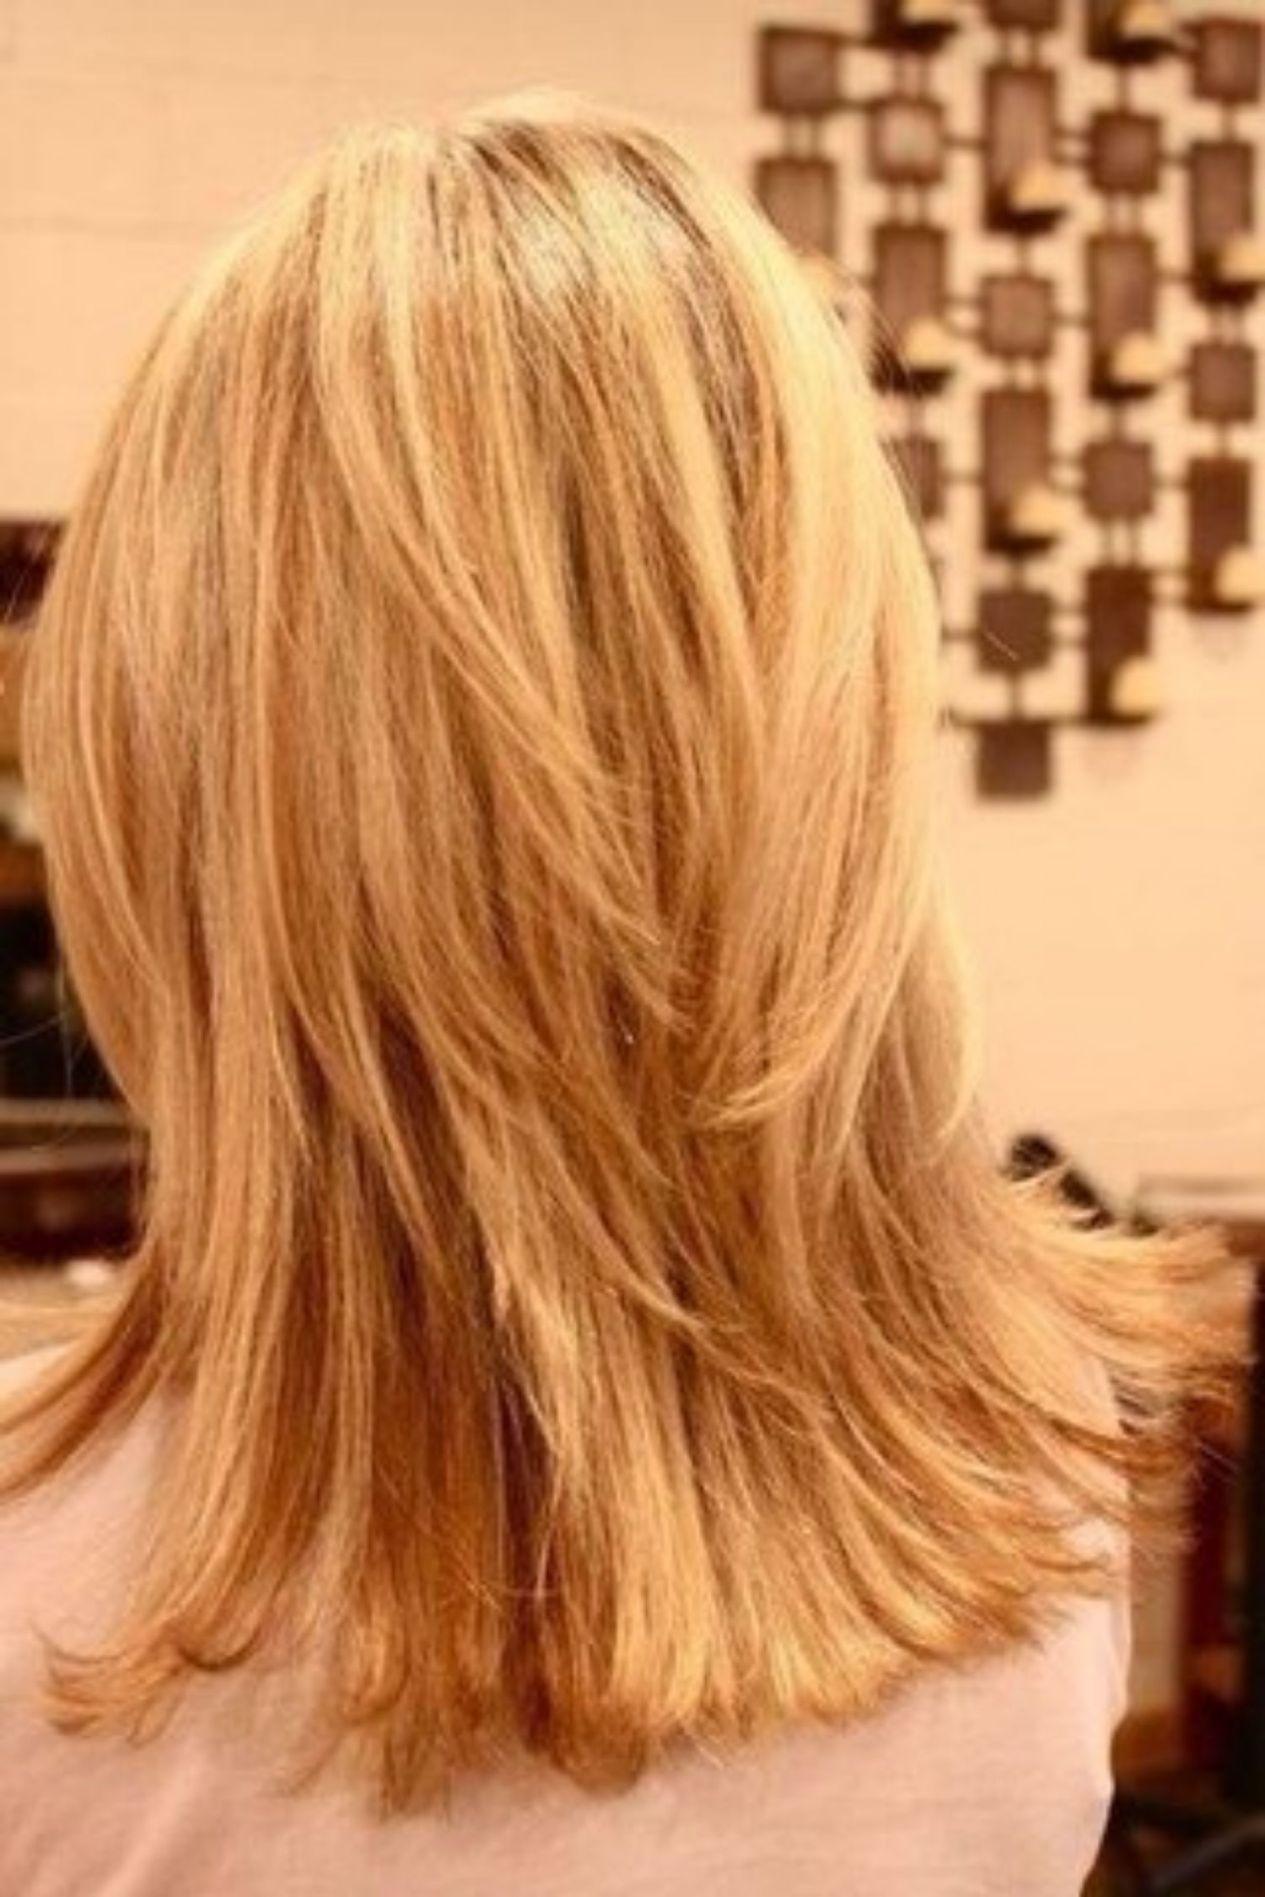 60 Nutzlichste Haarschnitte Fur Dickes Haar Von Beliebiger Lange Beliebiger Dickes Fur Haar H Lange Haare Wellen Haarschnitt Fur Dickes Haar Haarschnitt